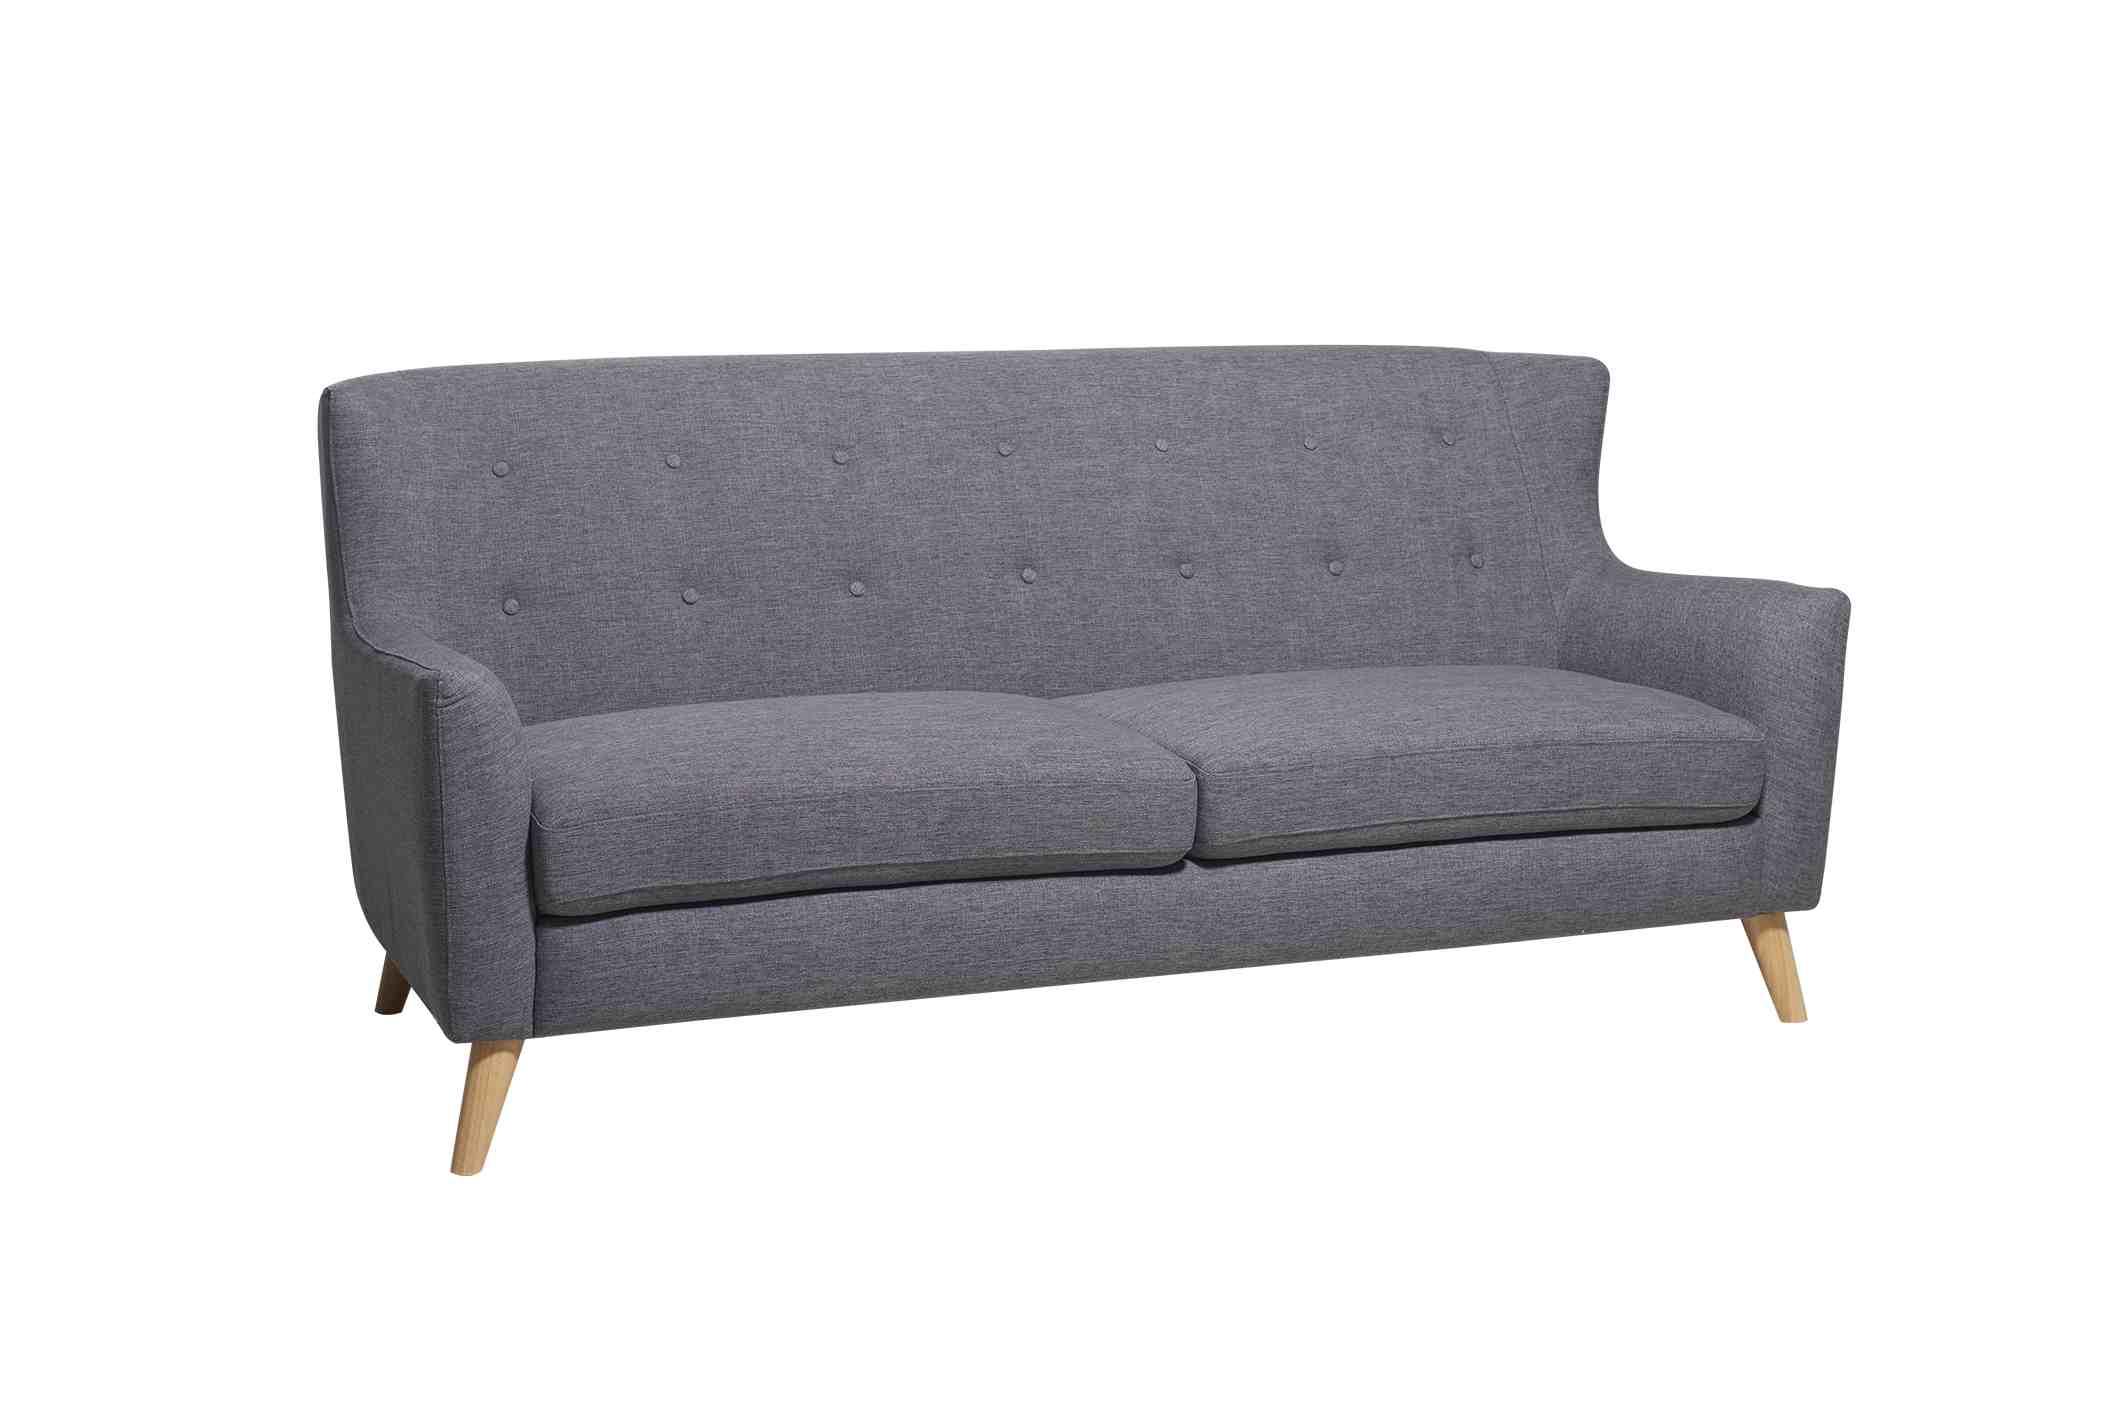 stoffsofa kaufen sie hier. Black Bedroom Furniture Sets. Home Design Ideas